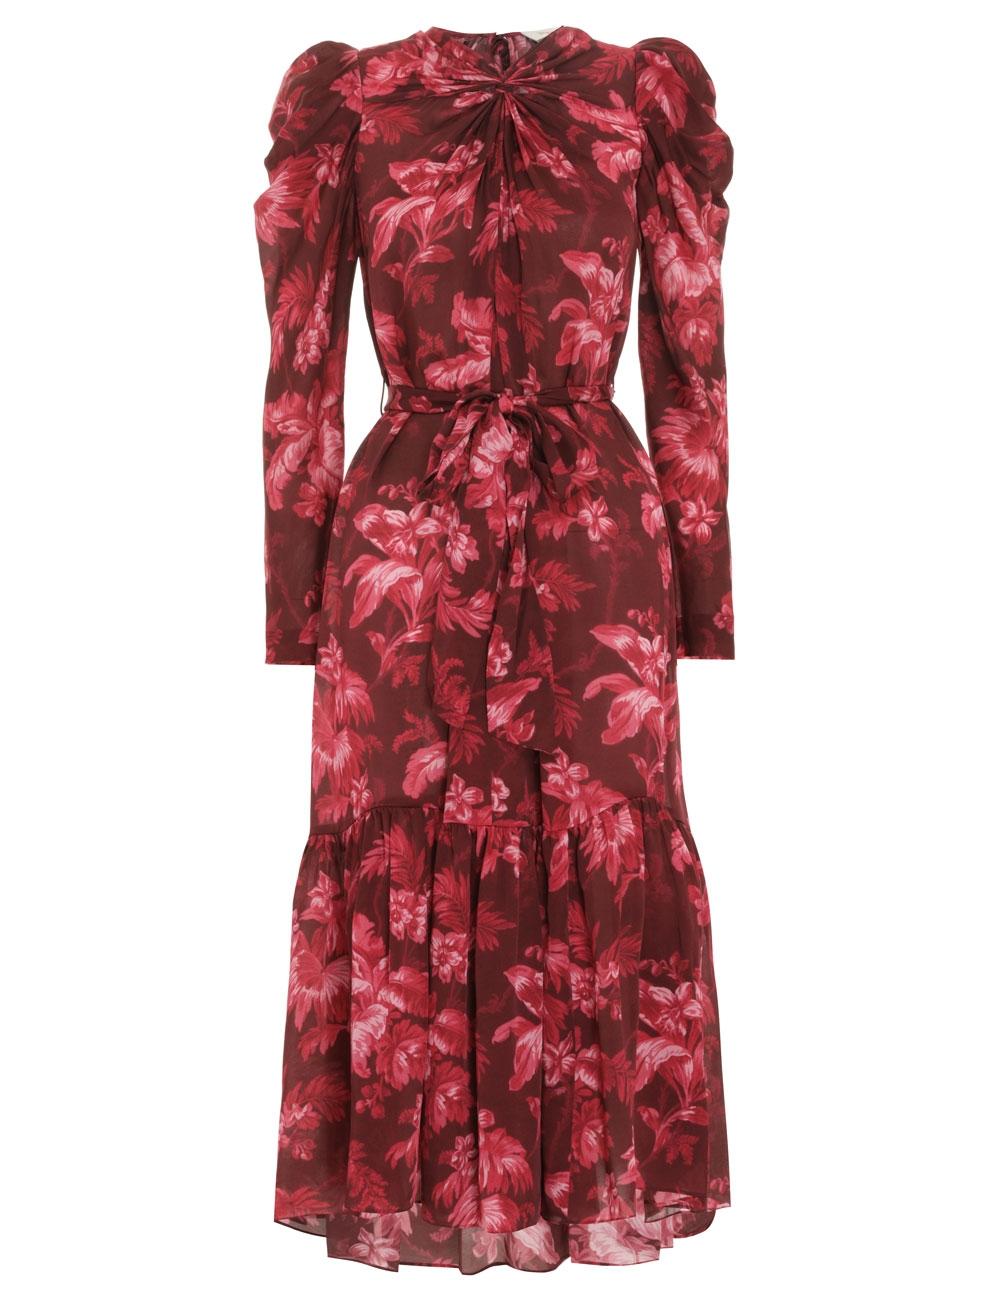 Ladybeetle Twist Midi Dress